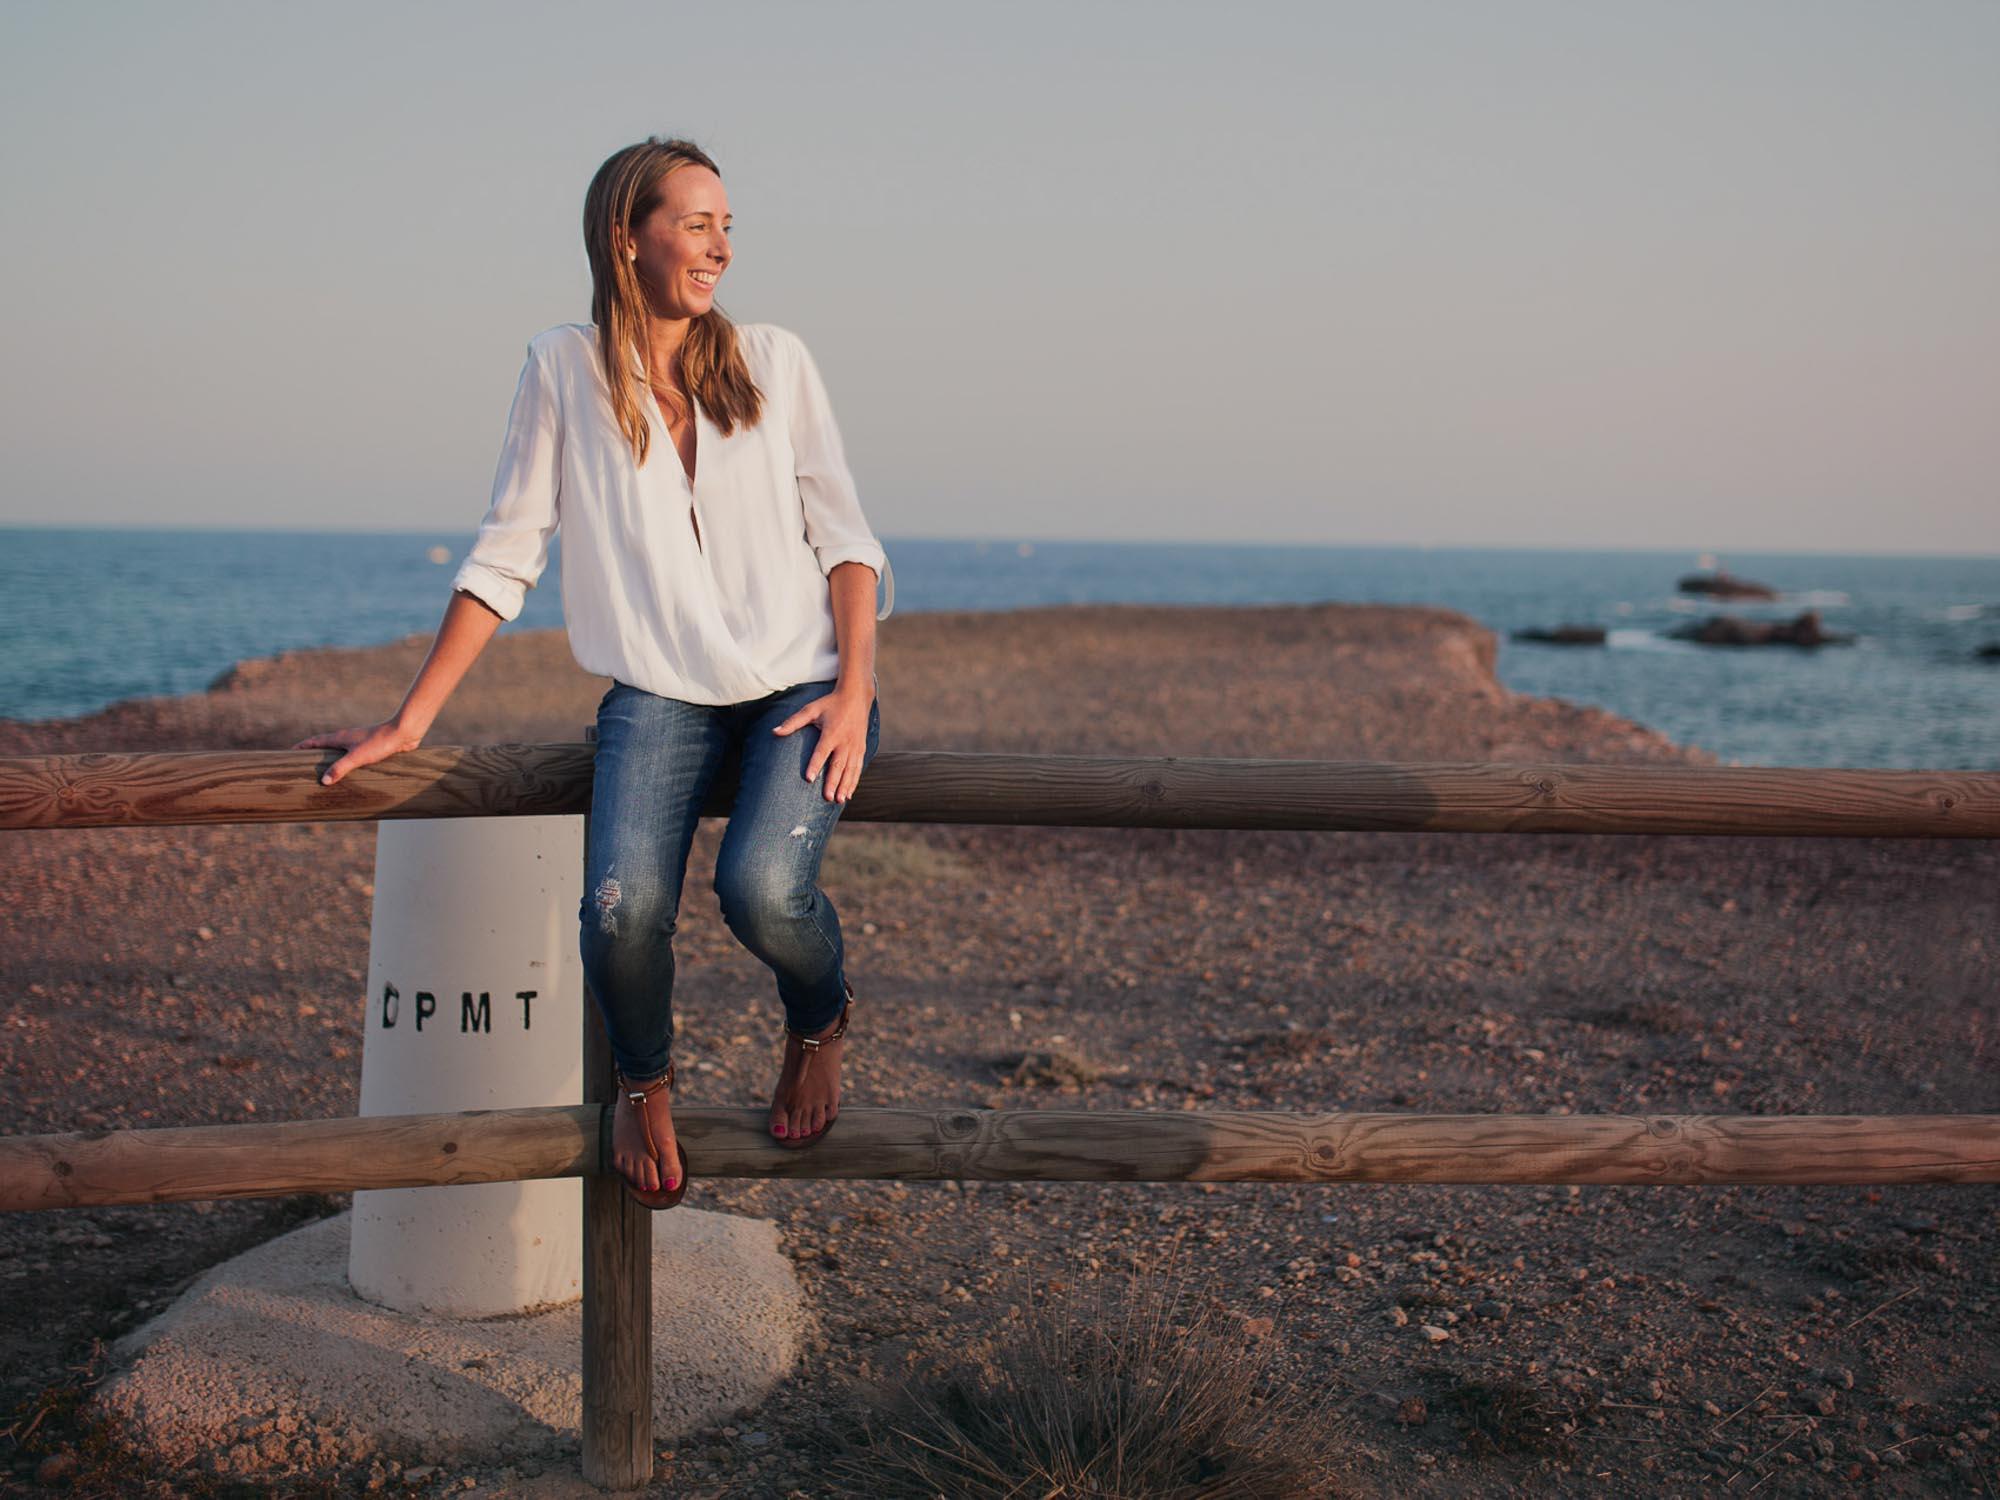 novia valla madera cabo de palos acantilado vistas mar agua rocas